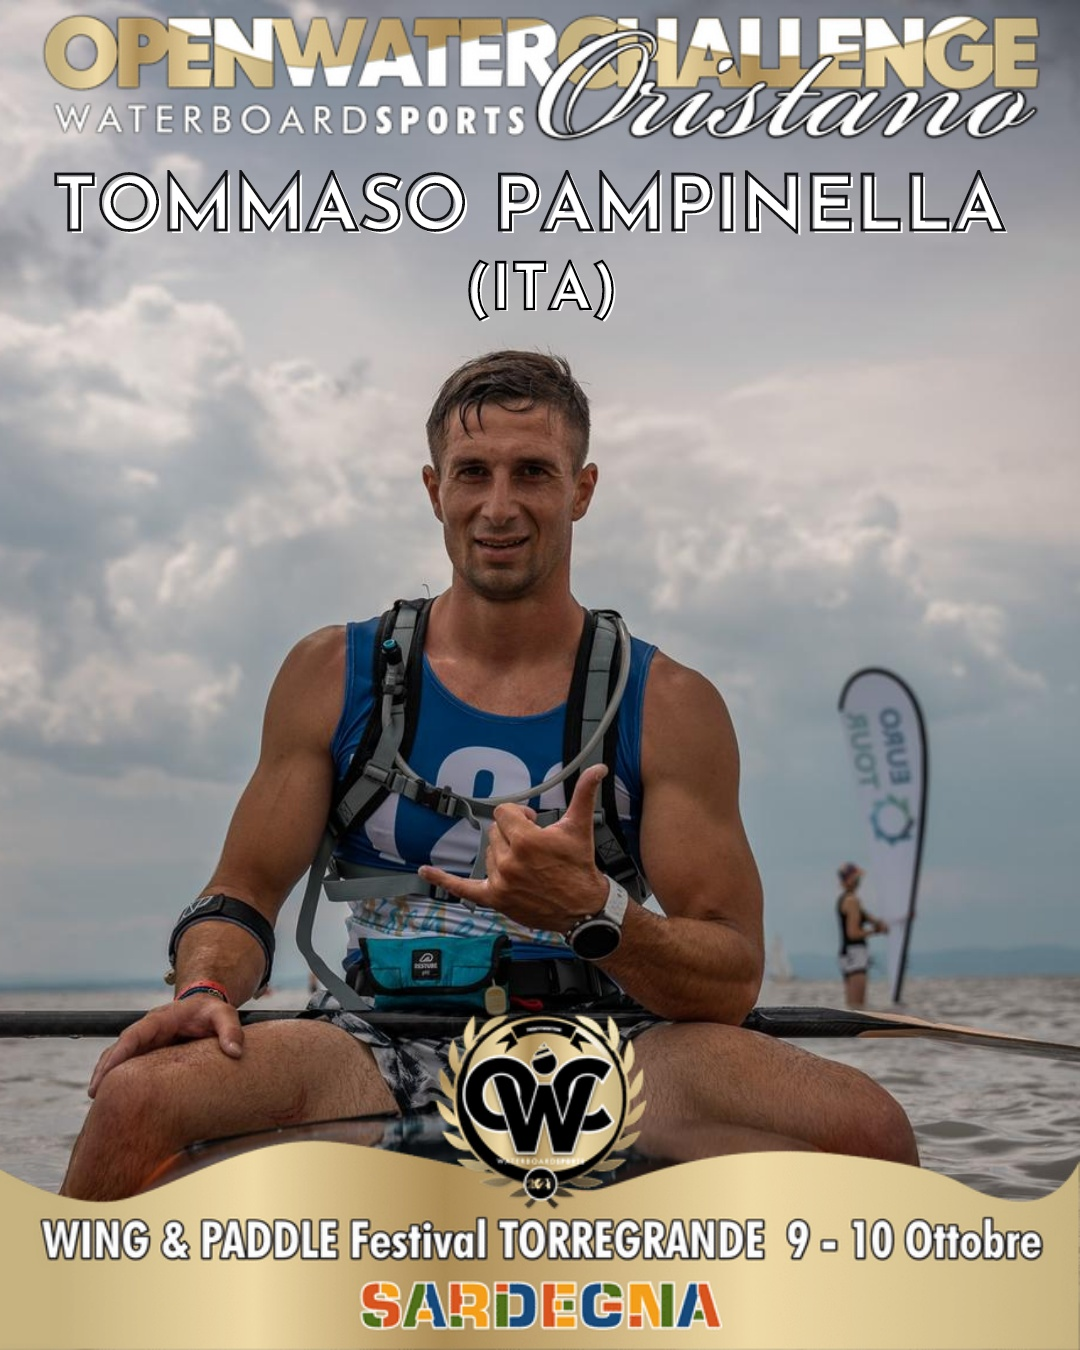 Tommaso Pampinella (ITA)